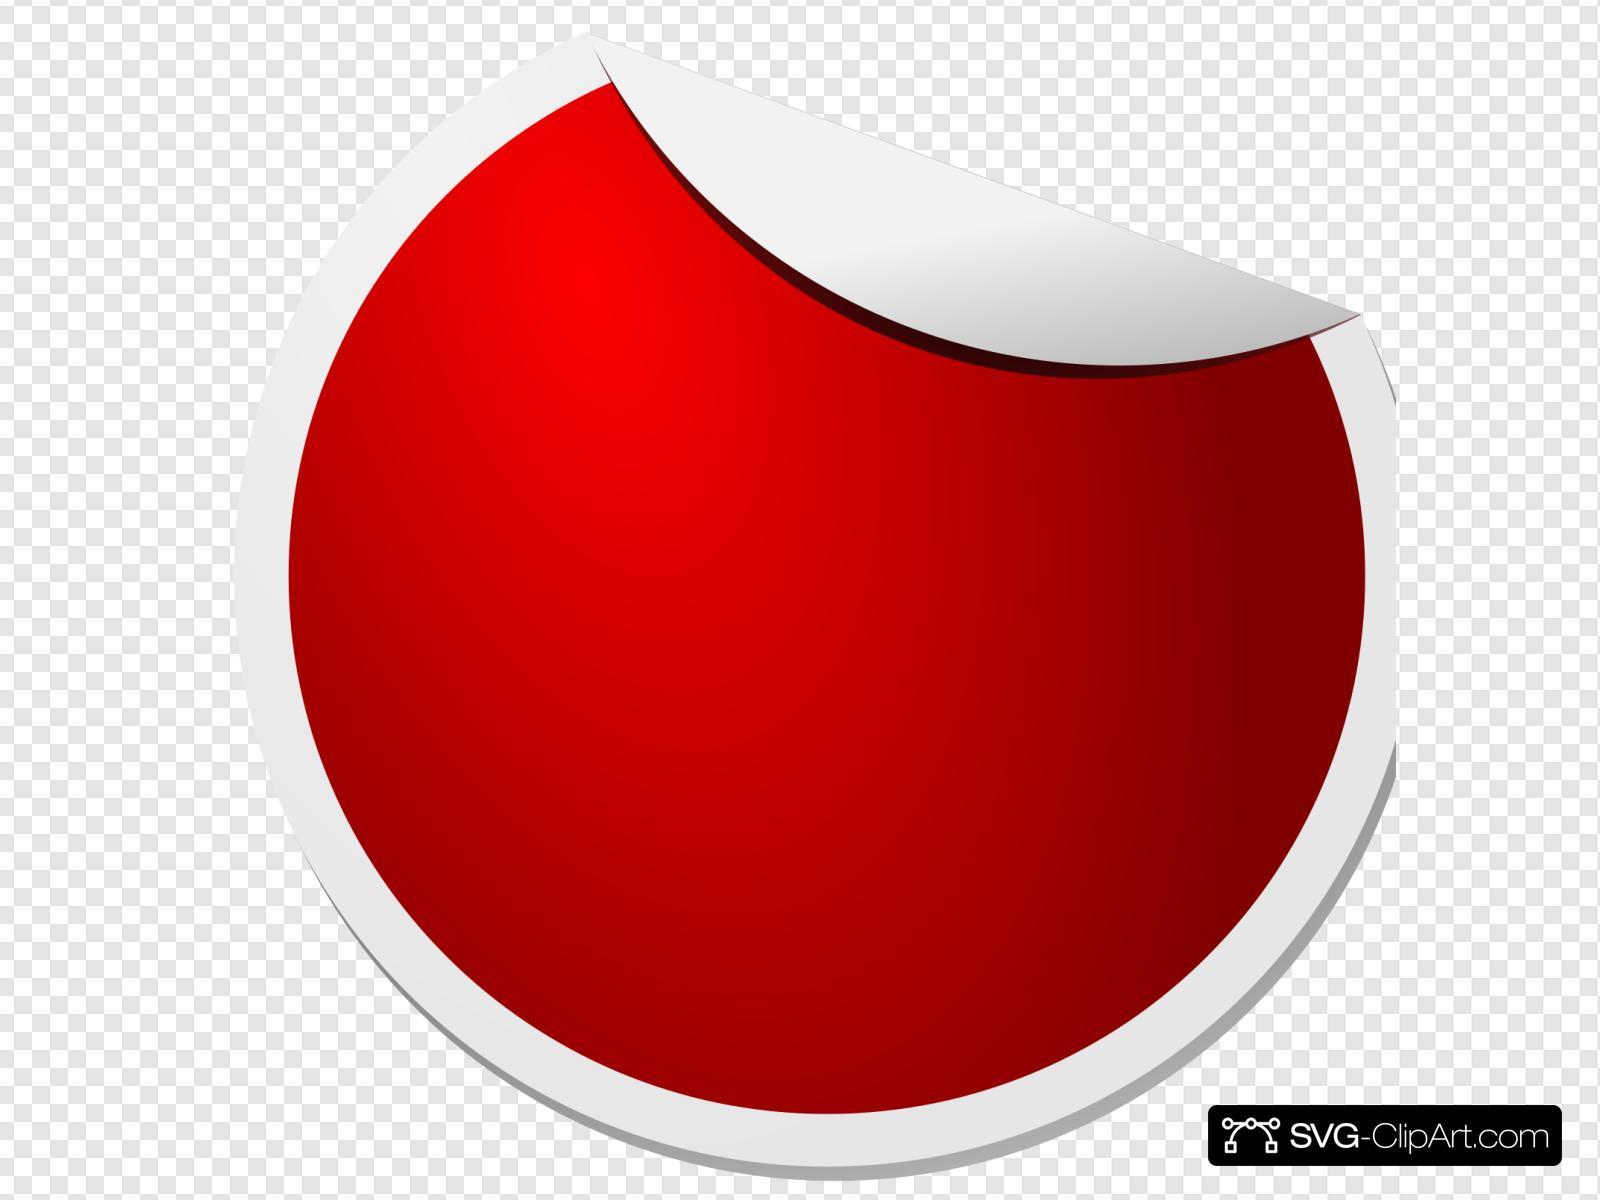 Novo Clip art, Icon and SVG.